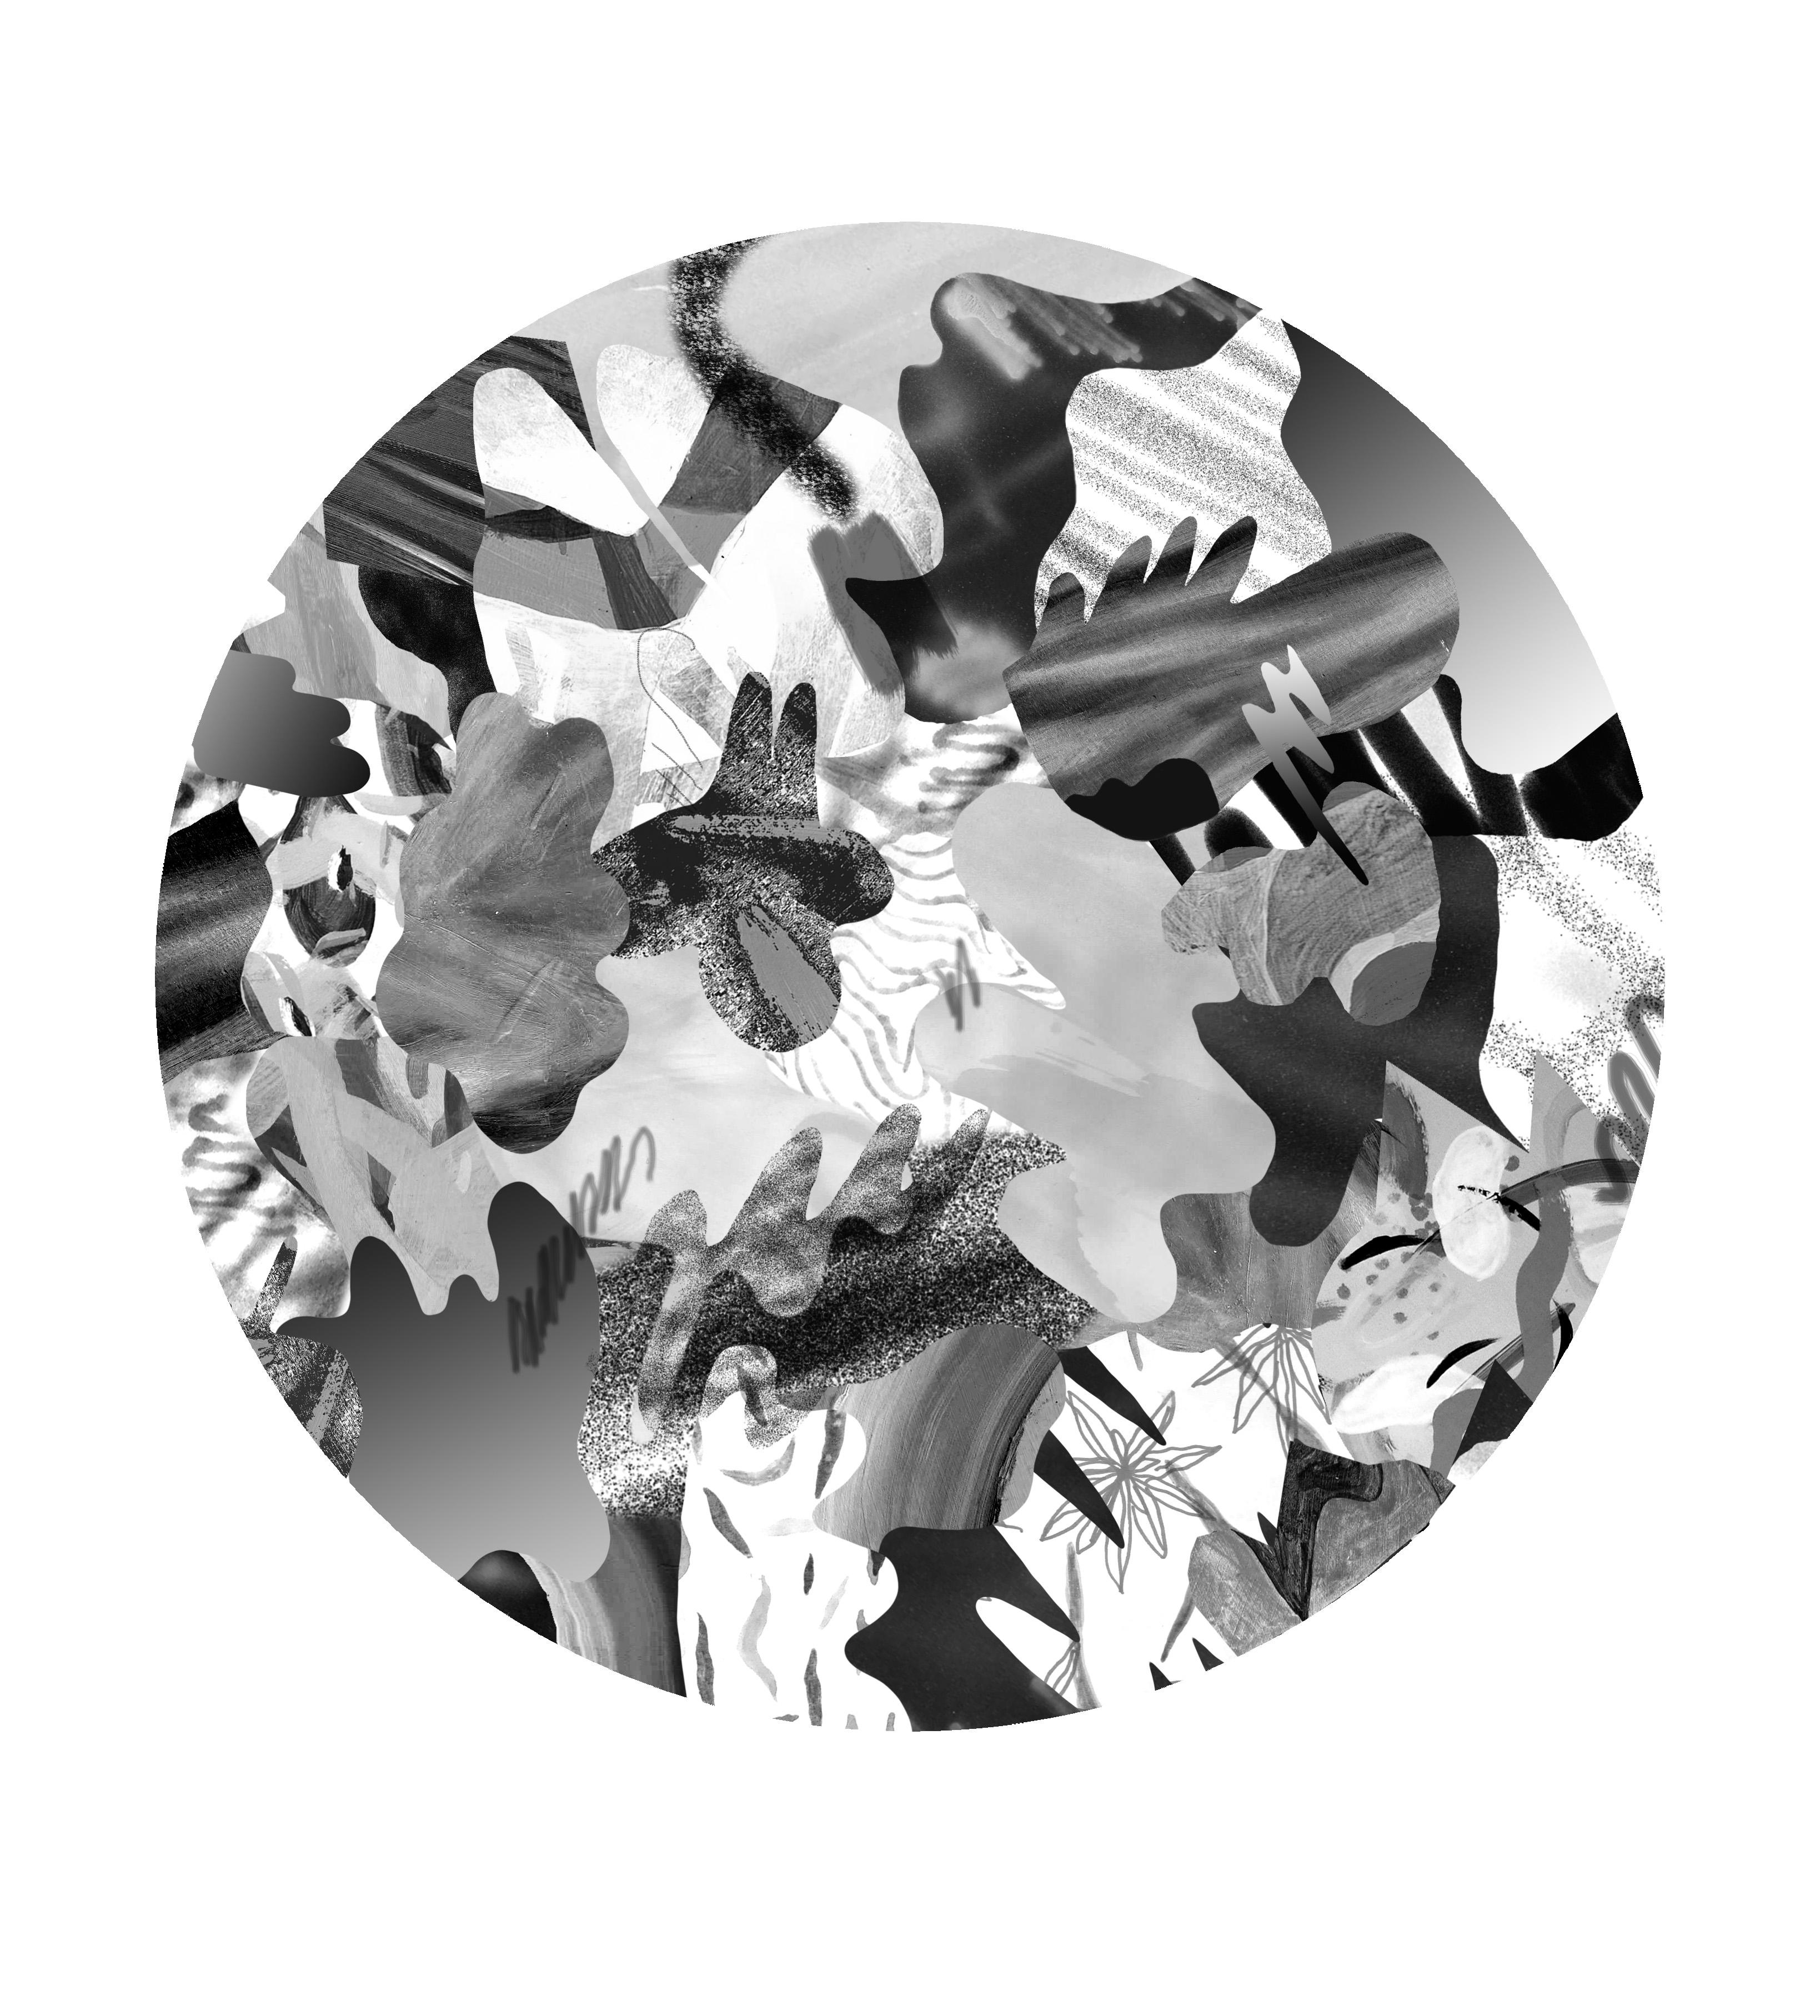 Mourir heureux - Risographie - 14,8 x 21 cm - 2017